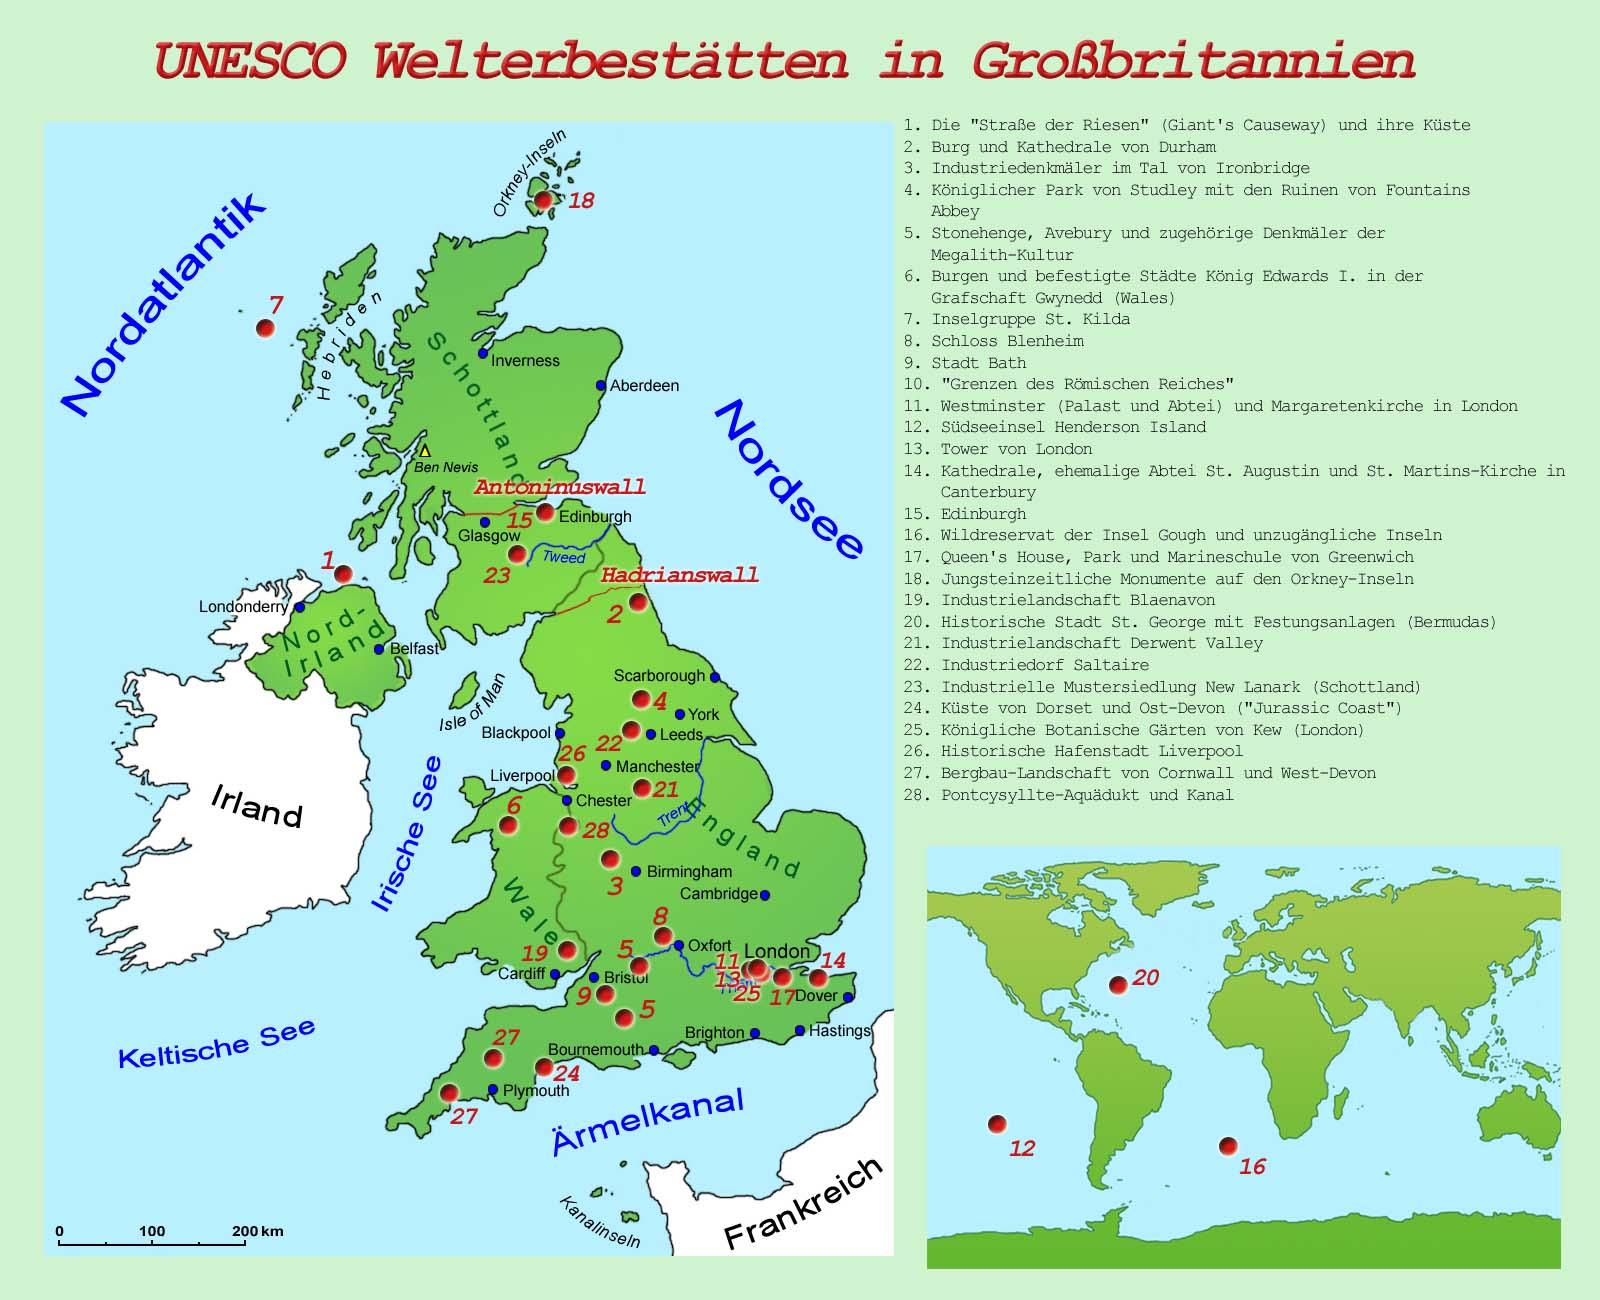 Sehenswürdigkeiten Großbritannien Karte.Großbritannien Sehenswürdigkeiten Länder Großbritannien Goruma